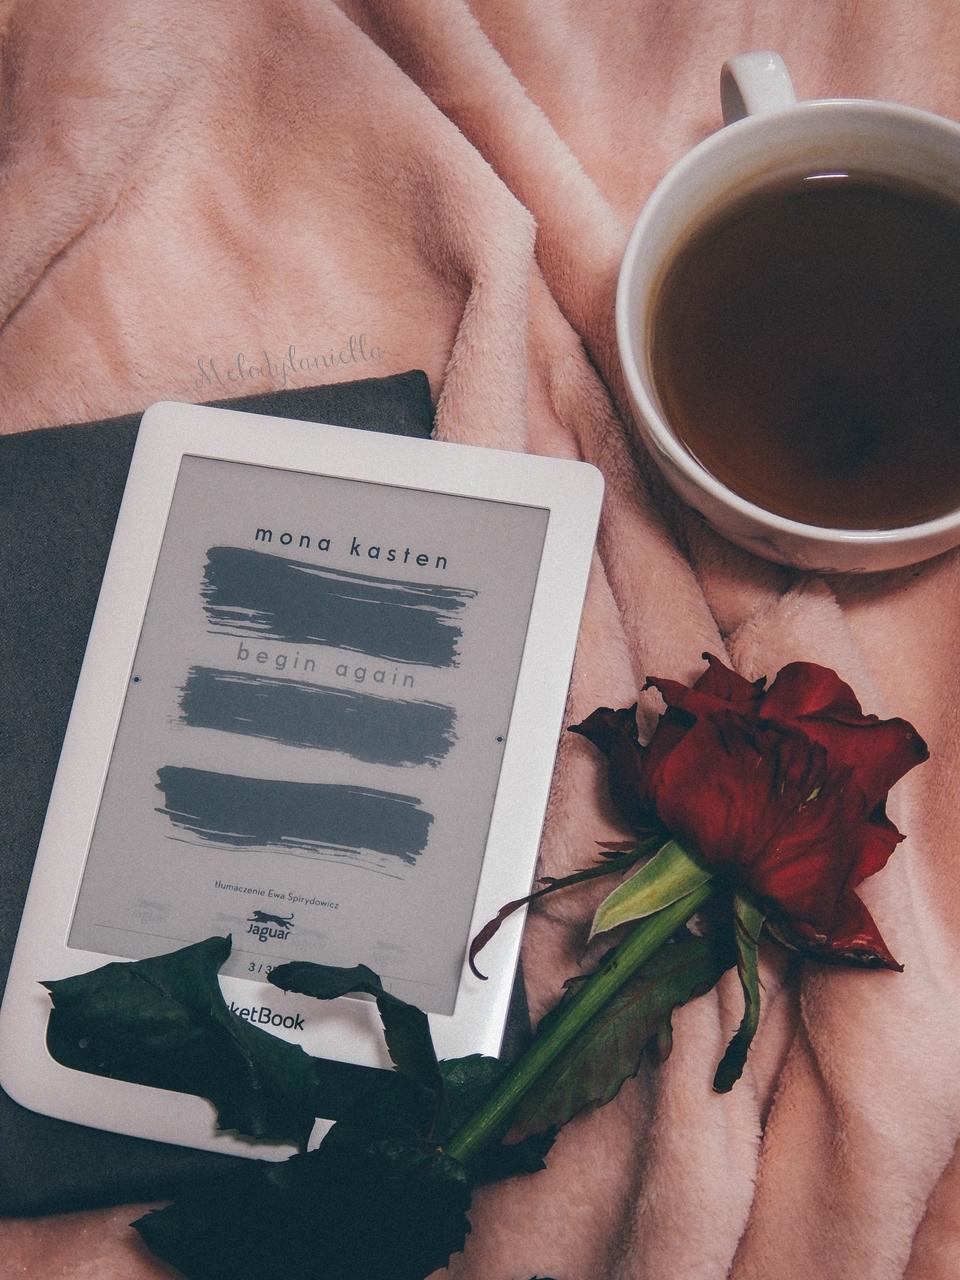 ksiazki dla mlodzieży nowości 2018 ciekawe dla dorosłych wydawnictwo jaguar grupa znajomych kryminalne przygodowe romans premiery luty marzec 2018 wydawnicze ksiązkowe warte uwagi godne przeczytania mirror mirror